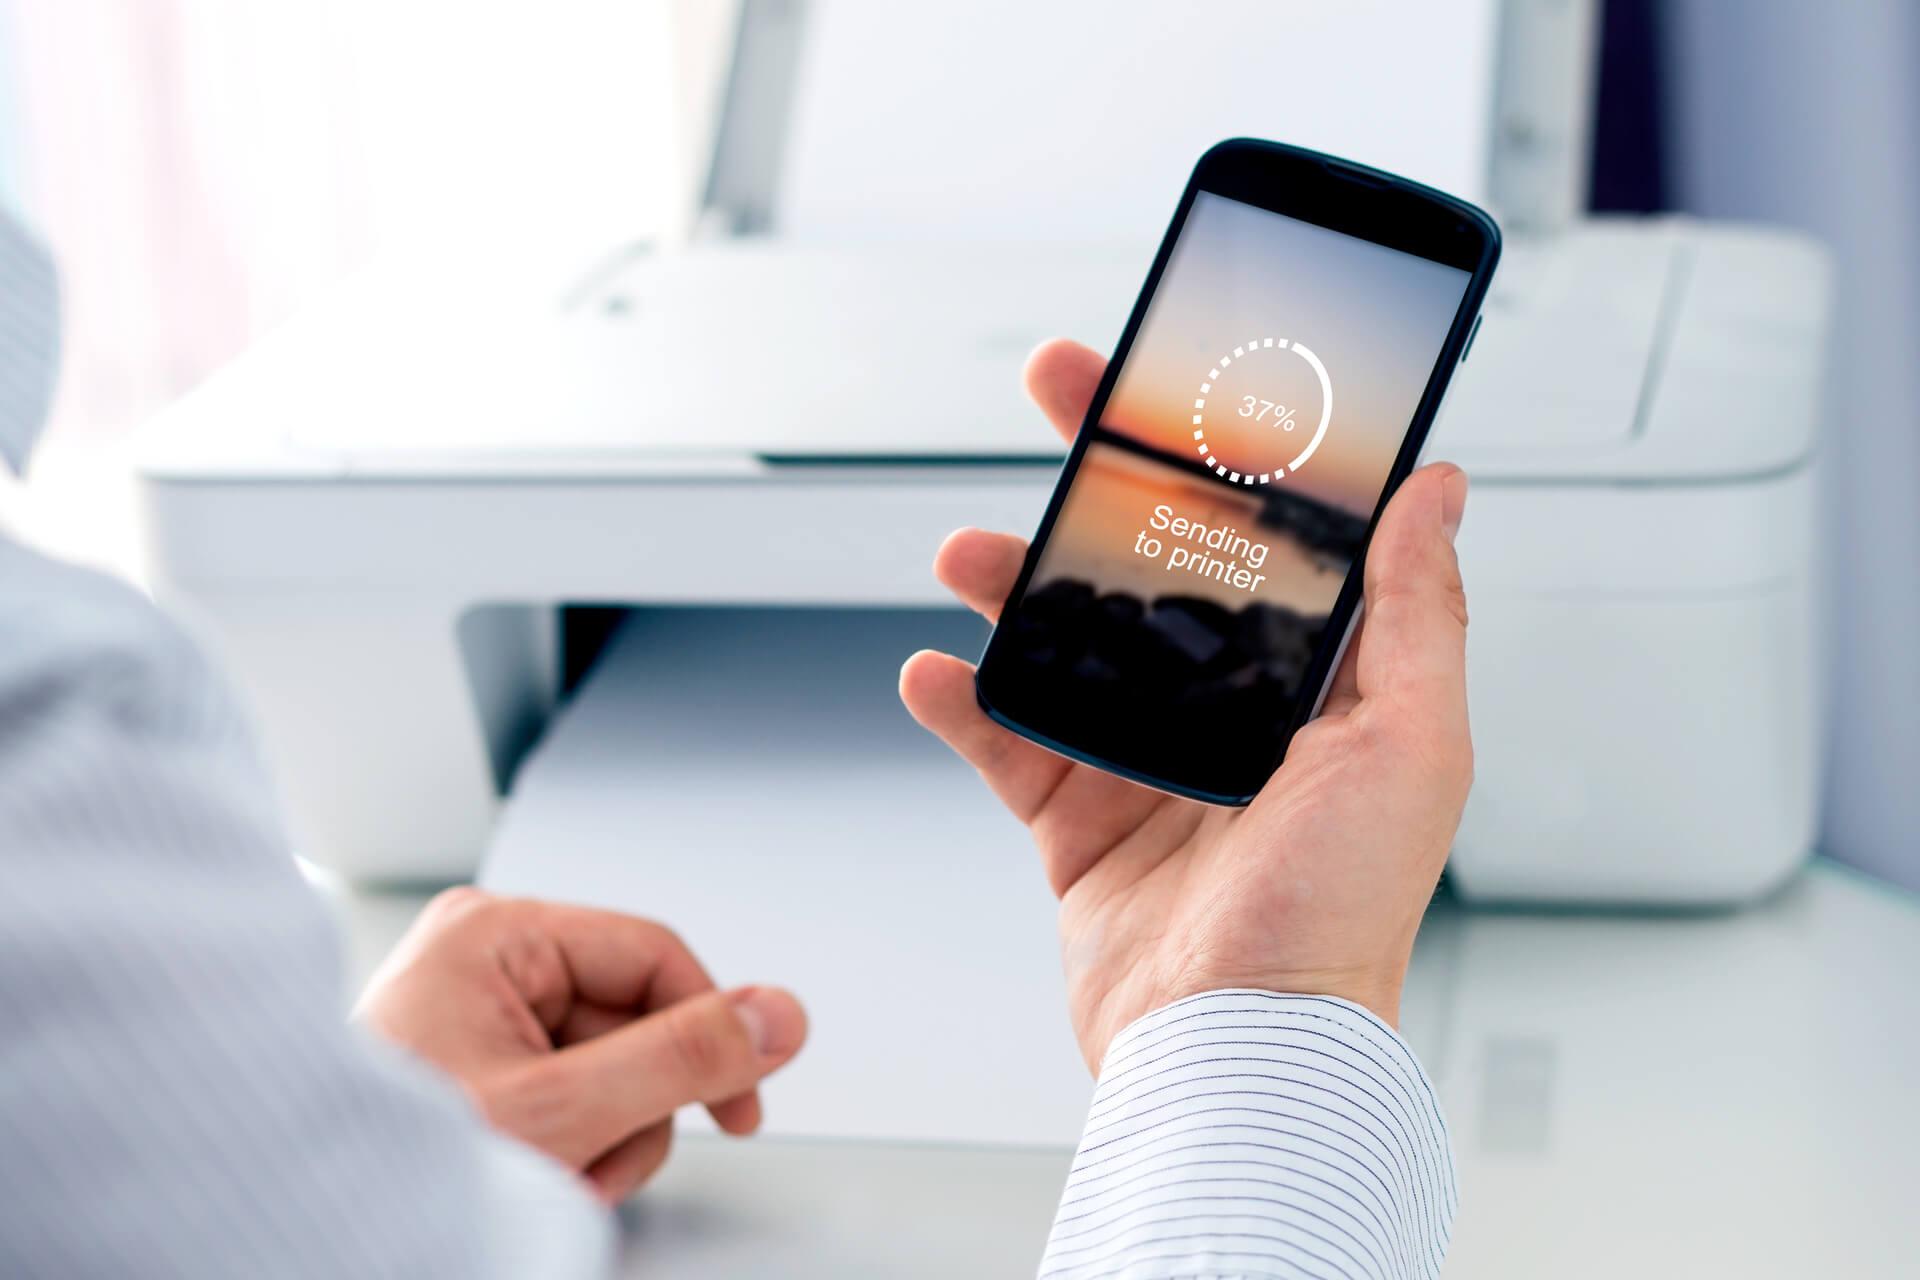 Stampare da cellulare in ufficio con Wi-Fi e non solo